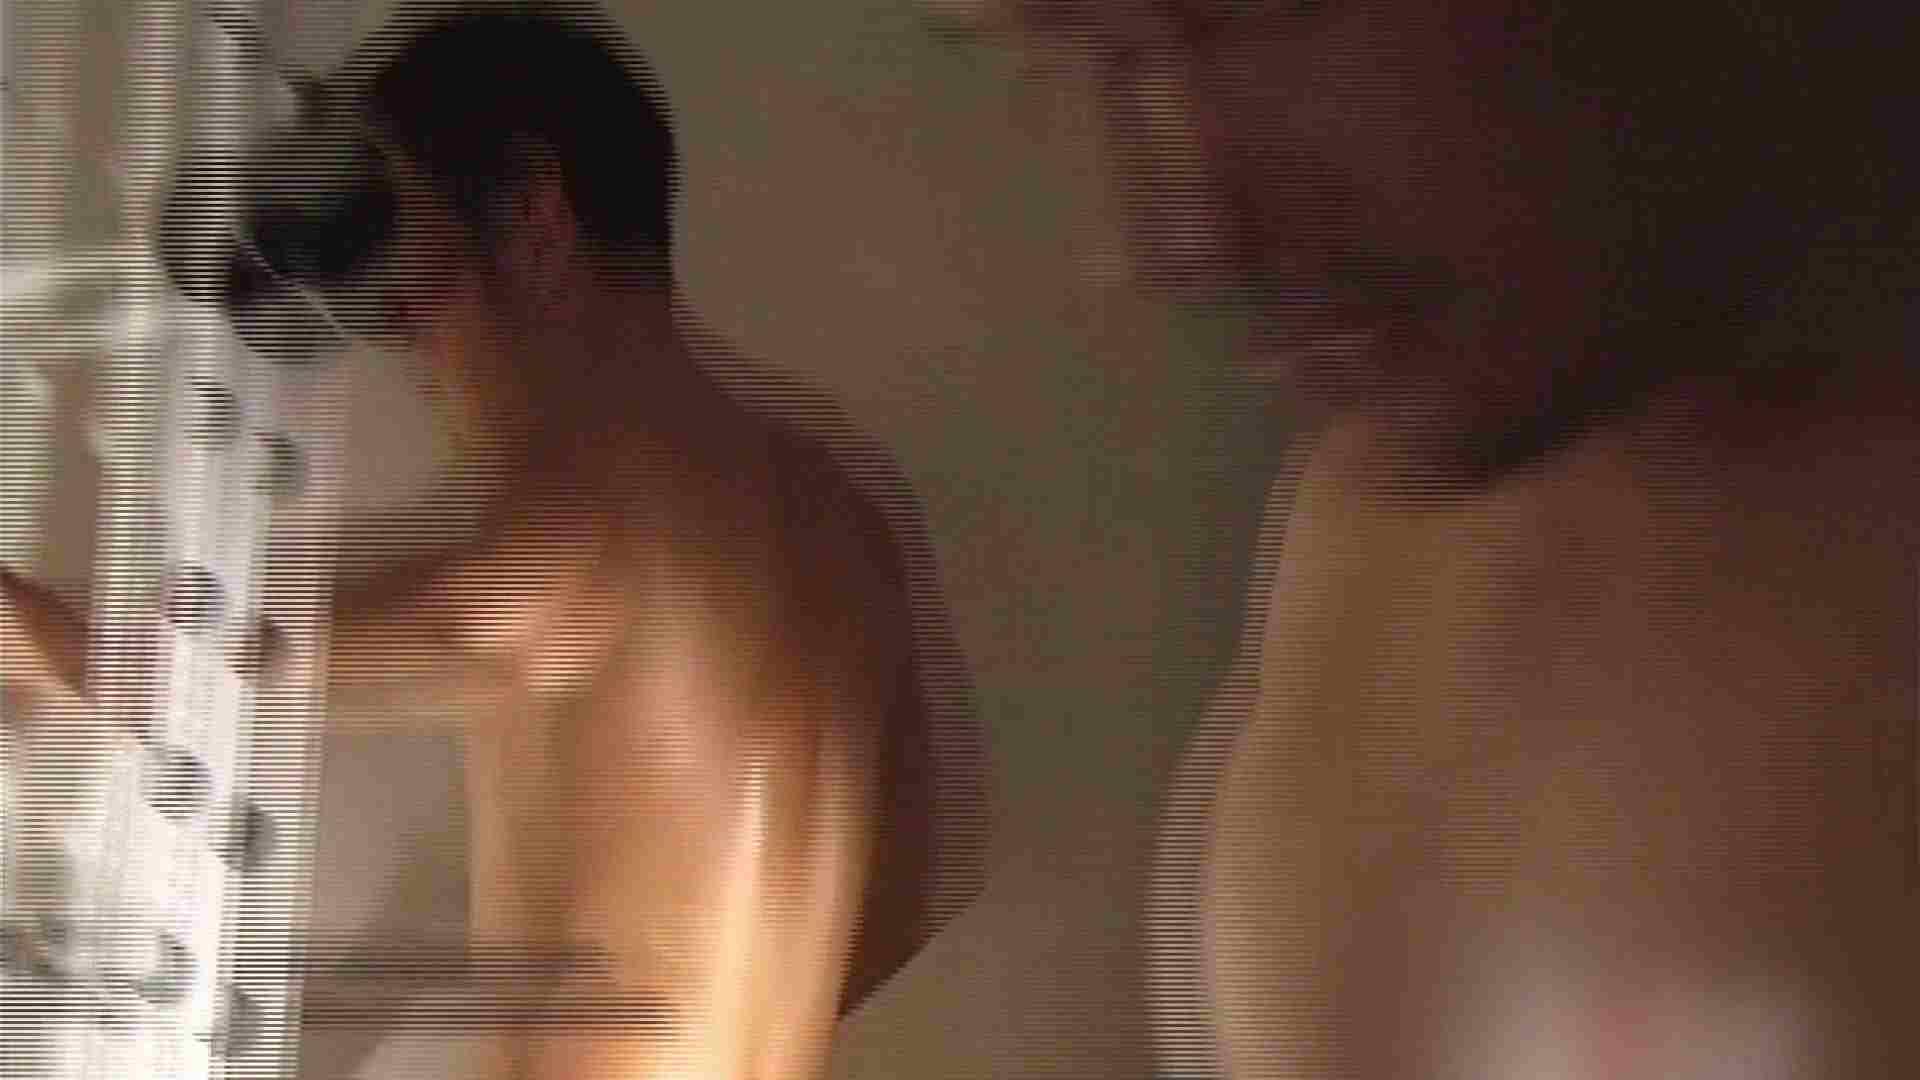 筋肉バカのおてぃんてぃんはほとんどゲイだからぁ…vol.2 手コキ ゲイ無修正動画画像 65連発 14